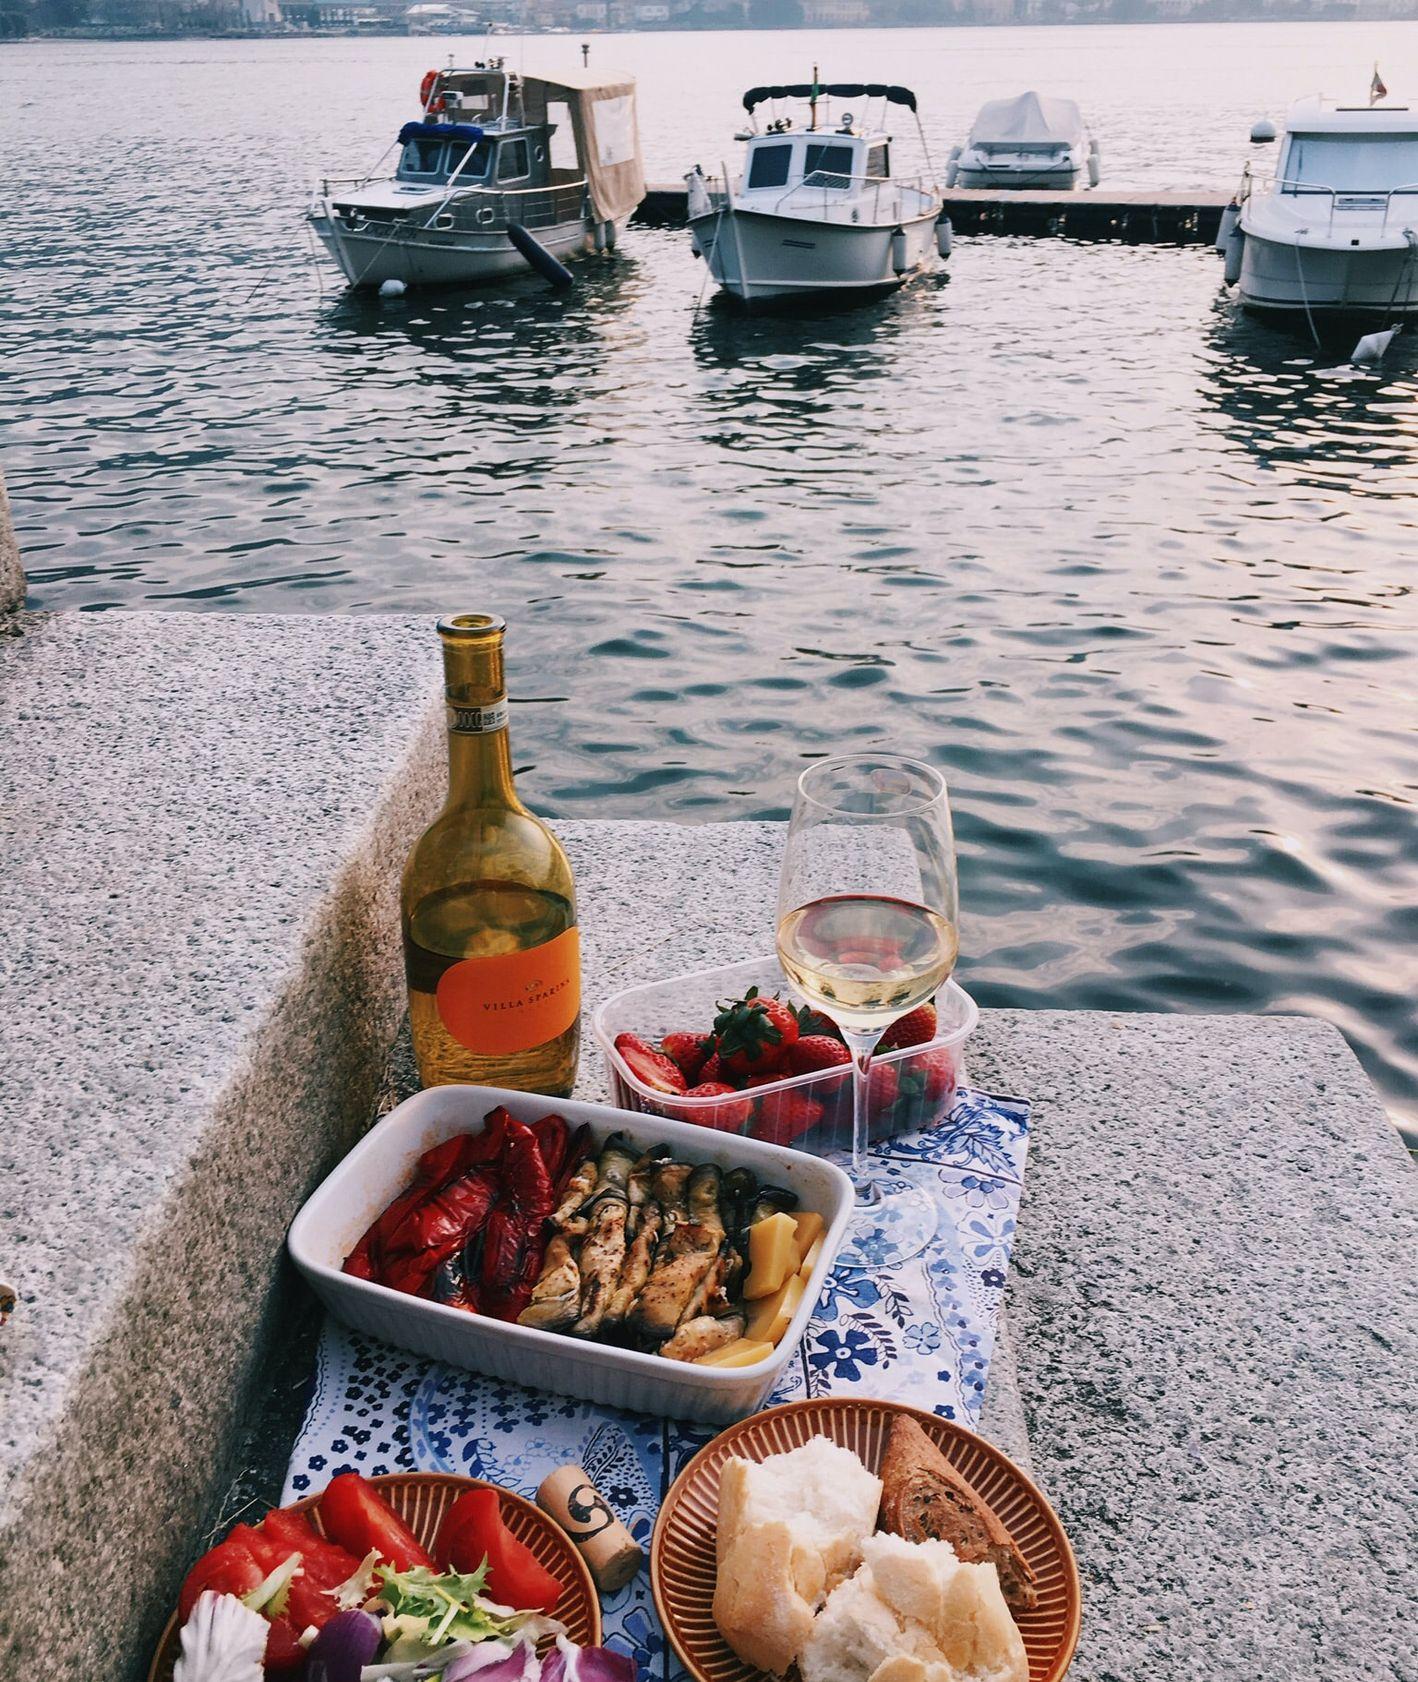 Włoskie wybrzeże, piknik nad rzeką – wino, pieczone warzywa, pieczywo, w tle zacumowane łódki (fot. Daria Litvinova)